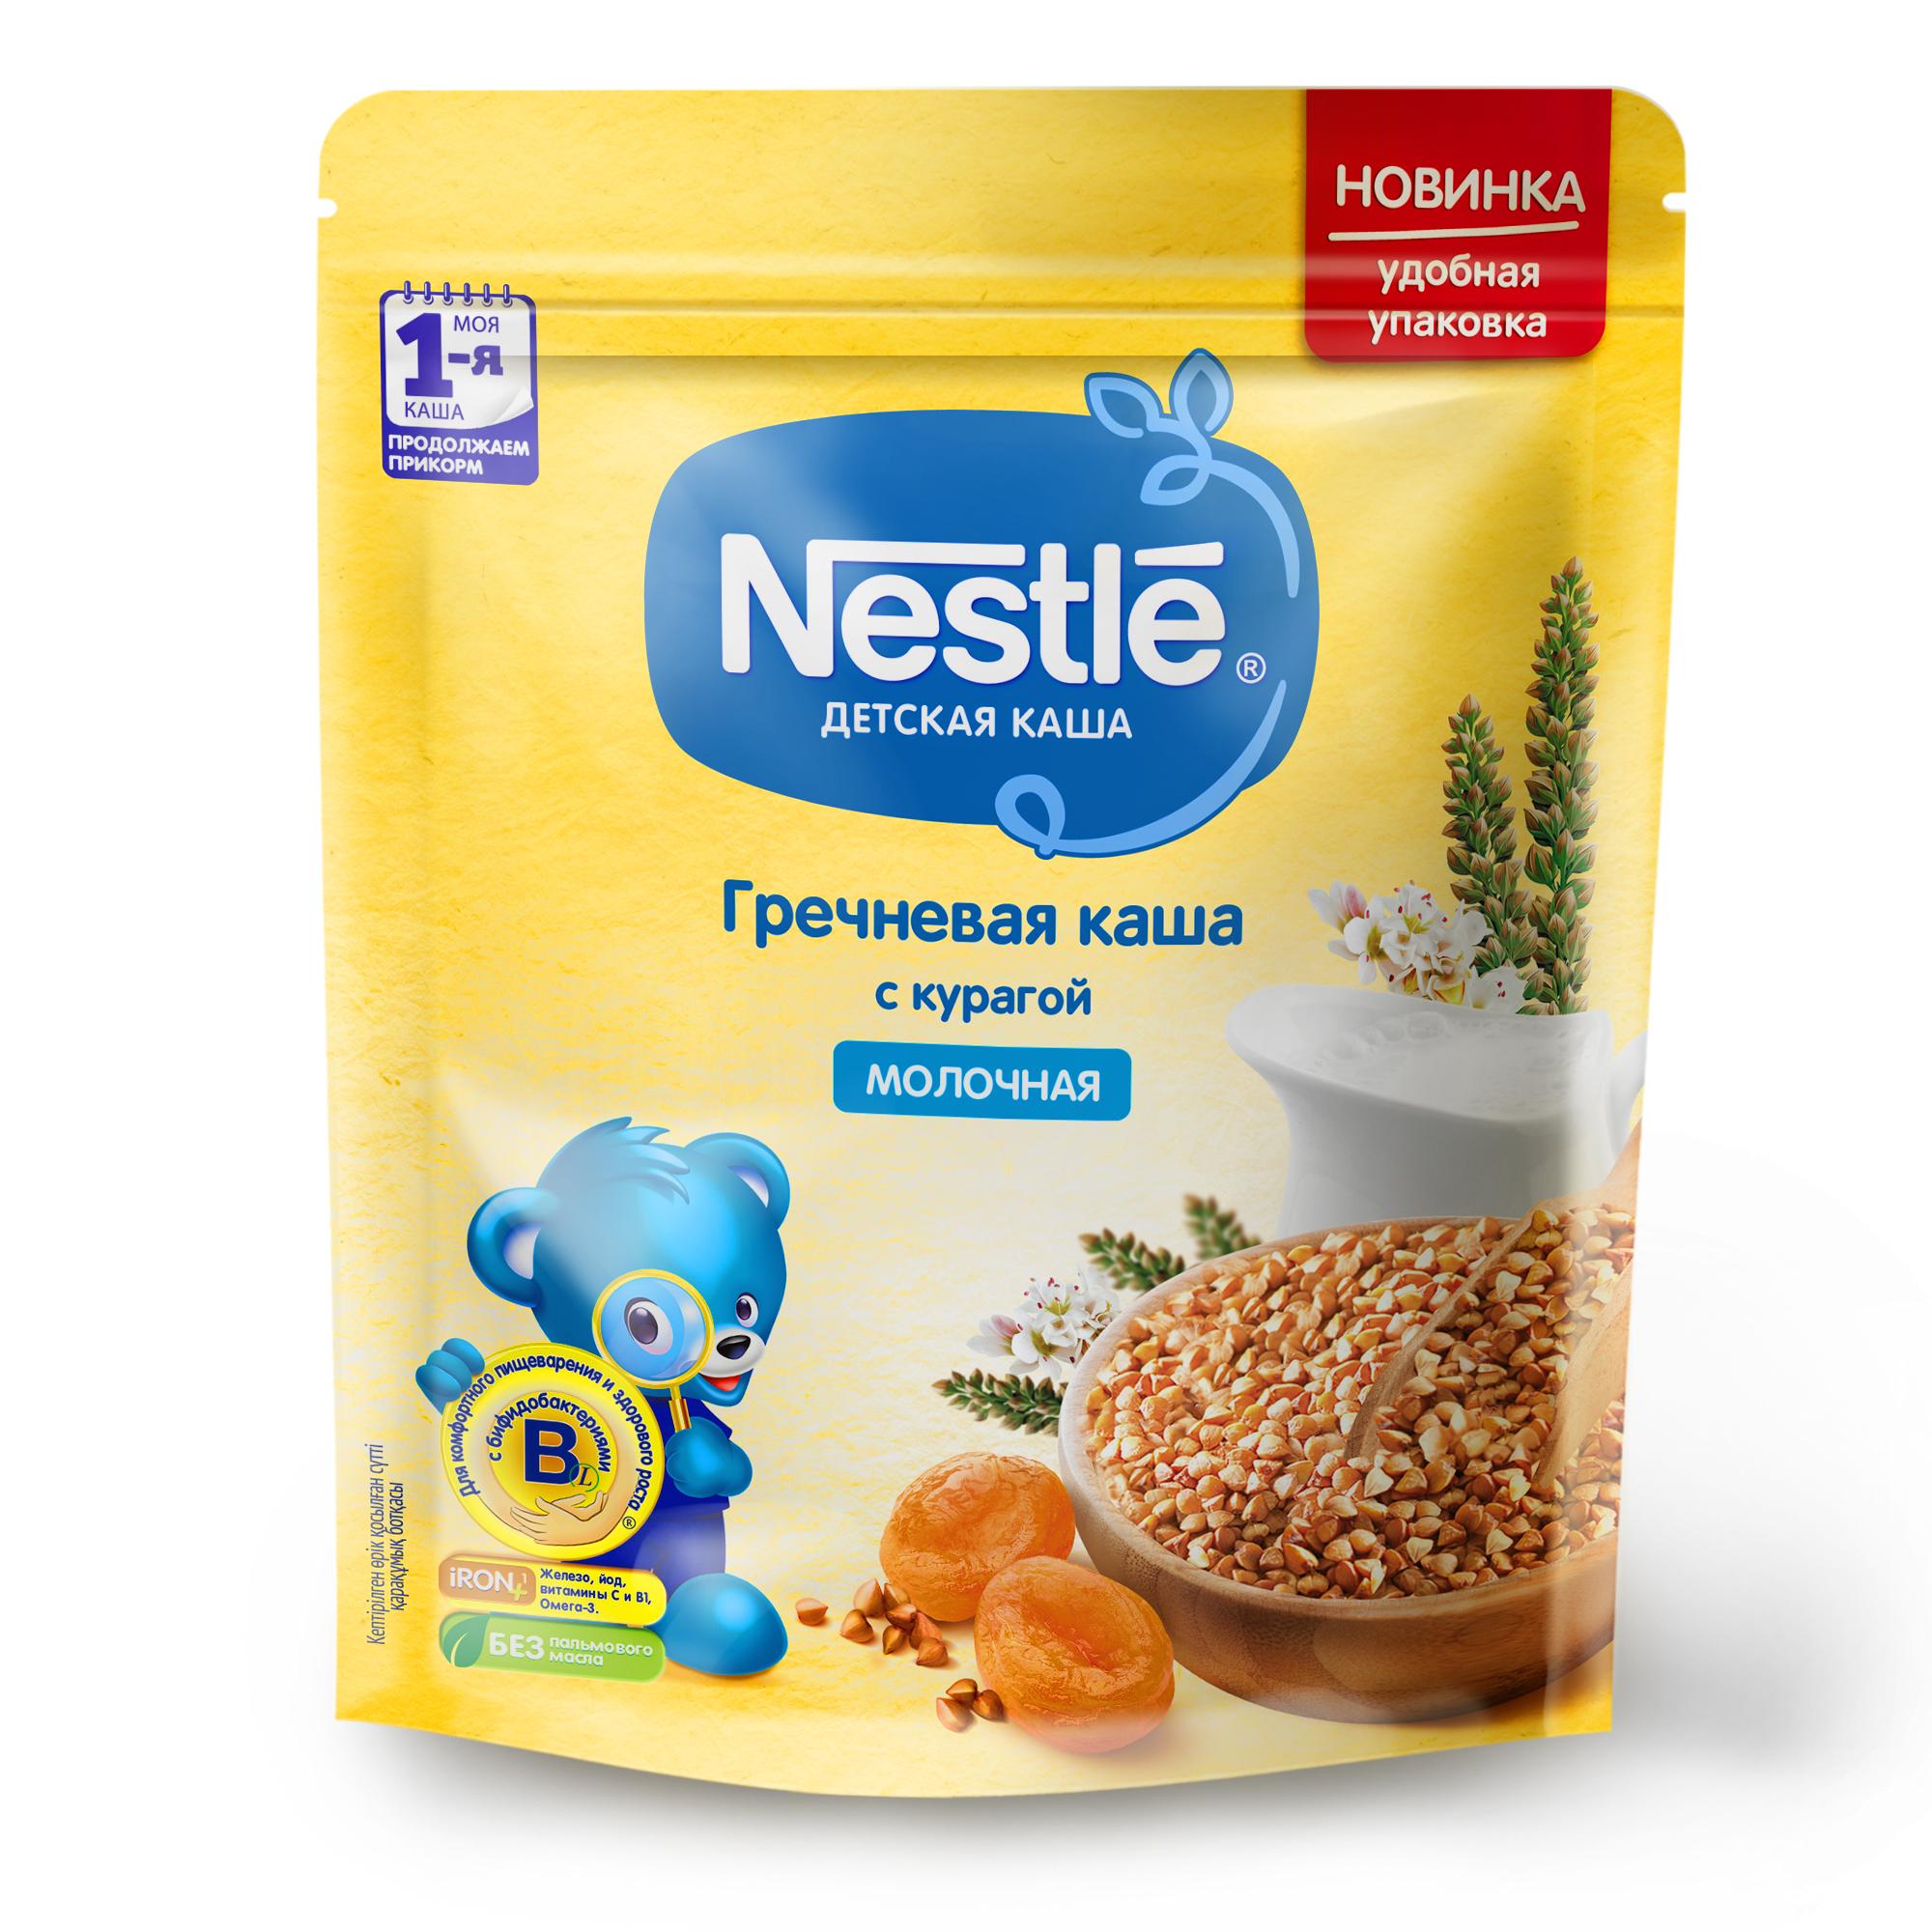 Купить Молочная гречневая каша Nestle с курагой Моя первая каша Продолжаем прикорм 220г, Детские каши